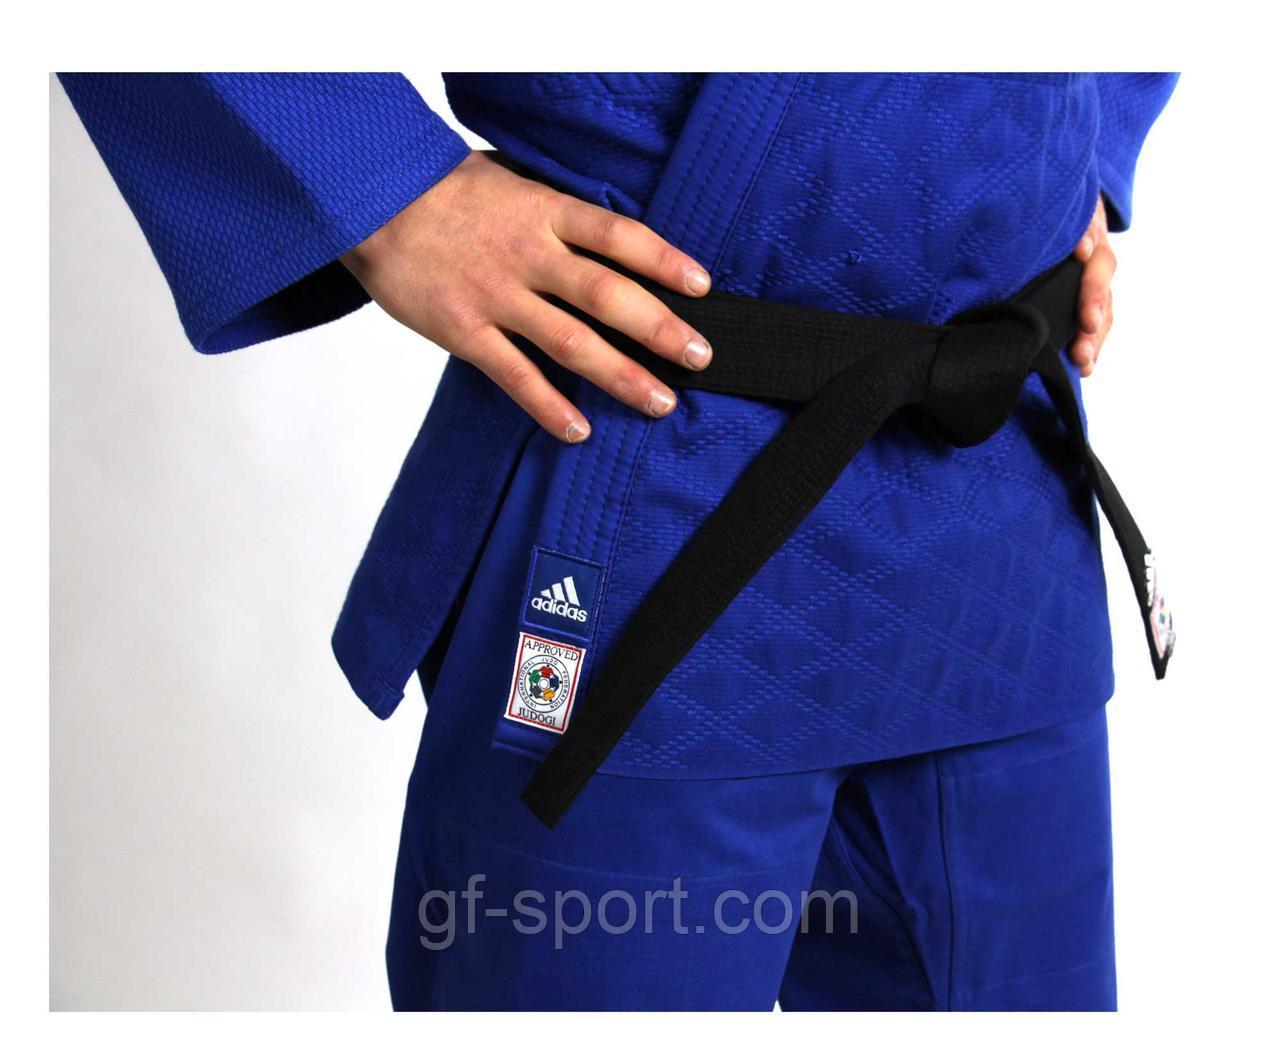 Кимоно для дзюдо Adidas(лицензионное)